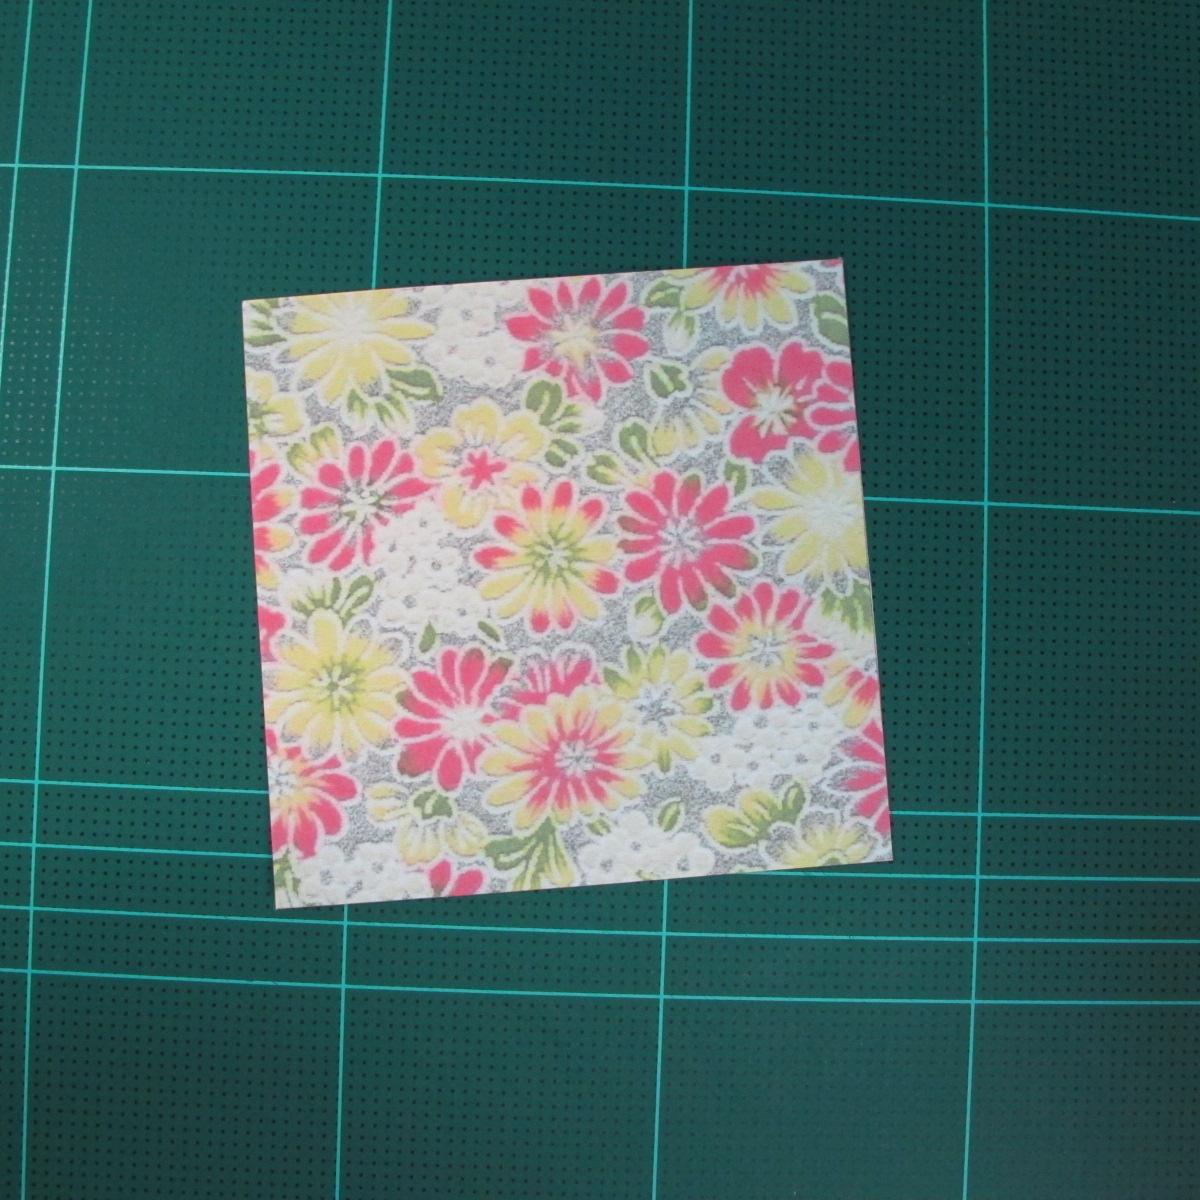 การพับกระดาษเป็นรูปเรขาคณิตทรงลูกบาศก์แบบแยกชิ้นประกอบ (Modular Origami Cube) 002